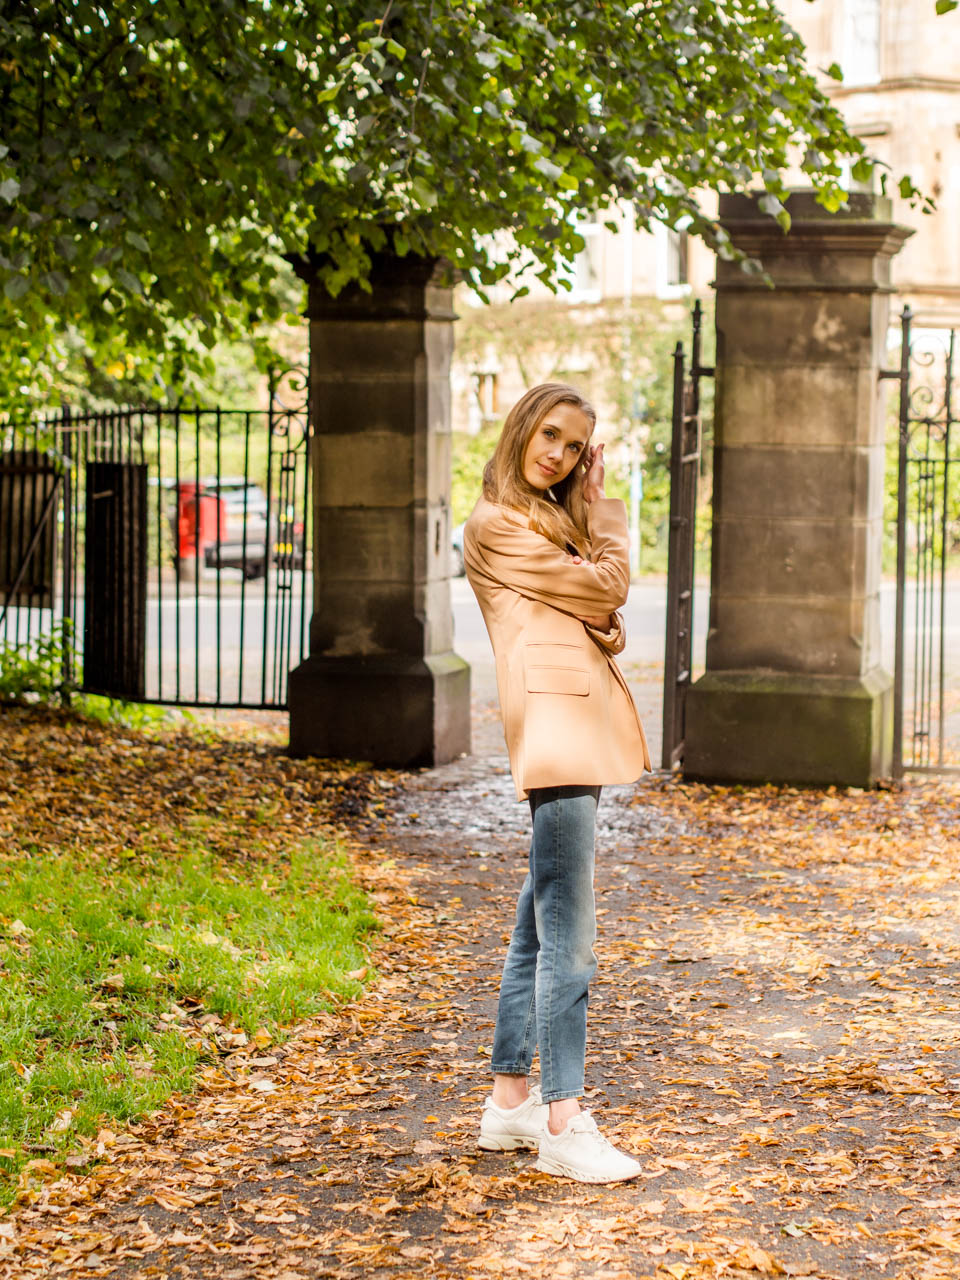 Fashion blogger autumn style inspiration featuring Topshop camel blazer - Muotibloggaaja syysmuoti-inspiraatio ja Topshopin kamelinvärinen bleiseri